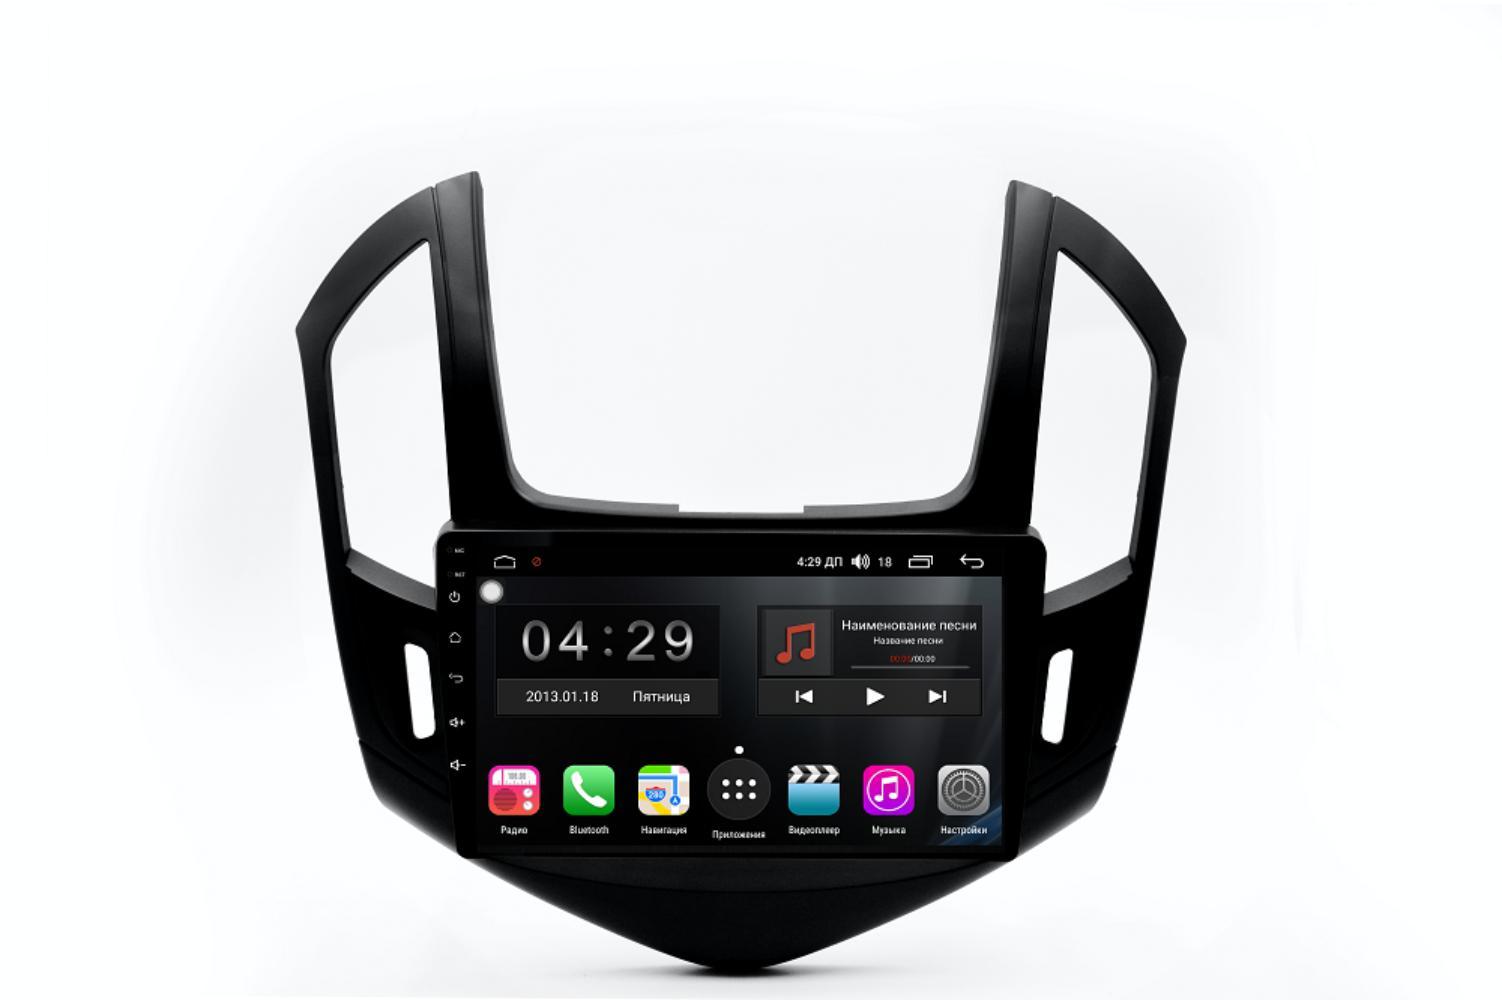 Штатная магнитола FarCar s300-SIM 4G для Chevrolet Cruze на Android (RG261R) (+ Камера заднего вида в подарок!)